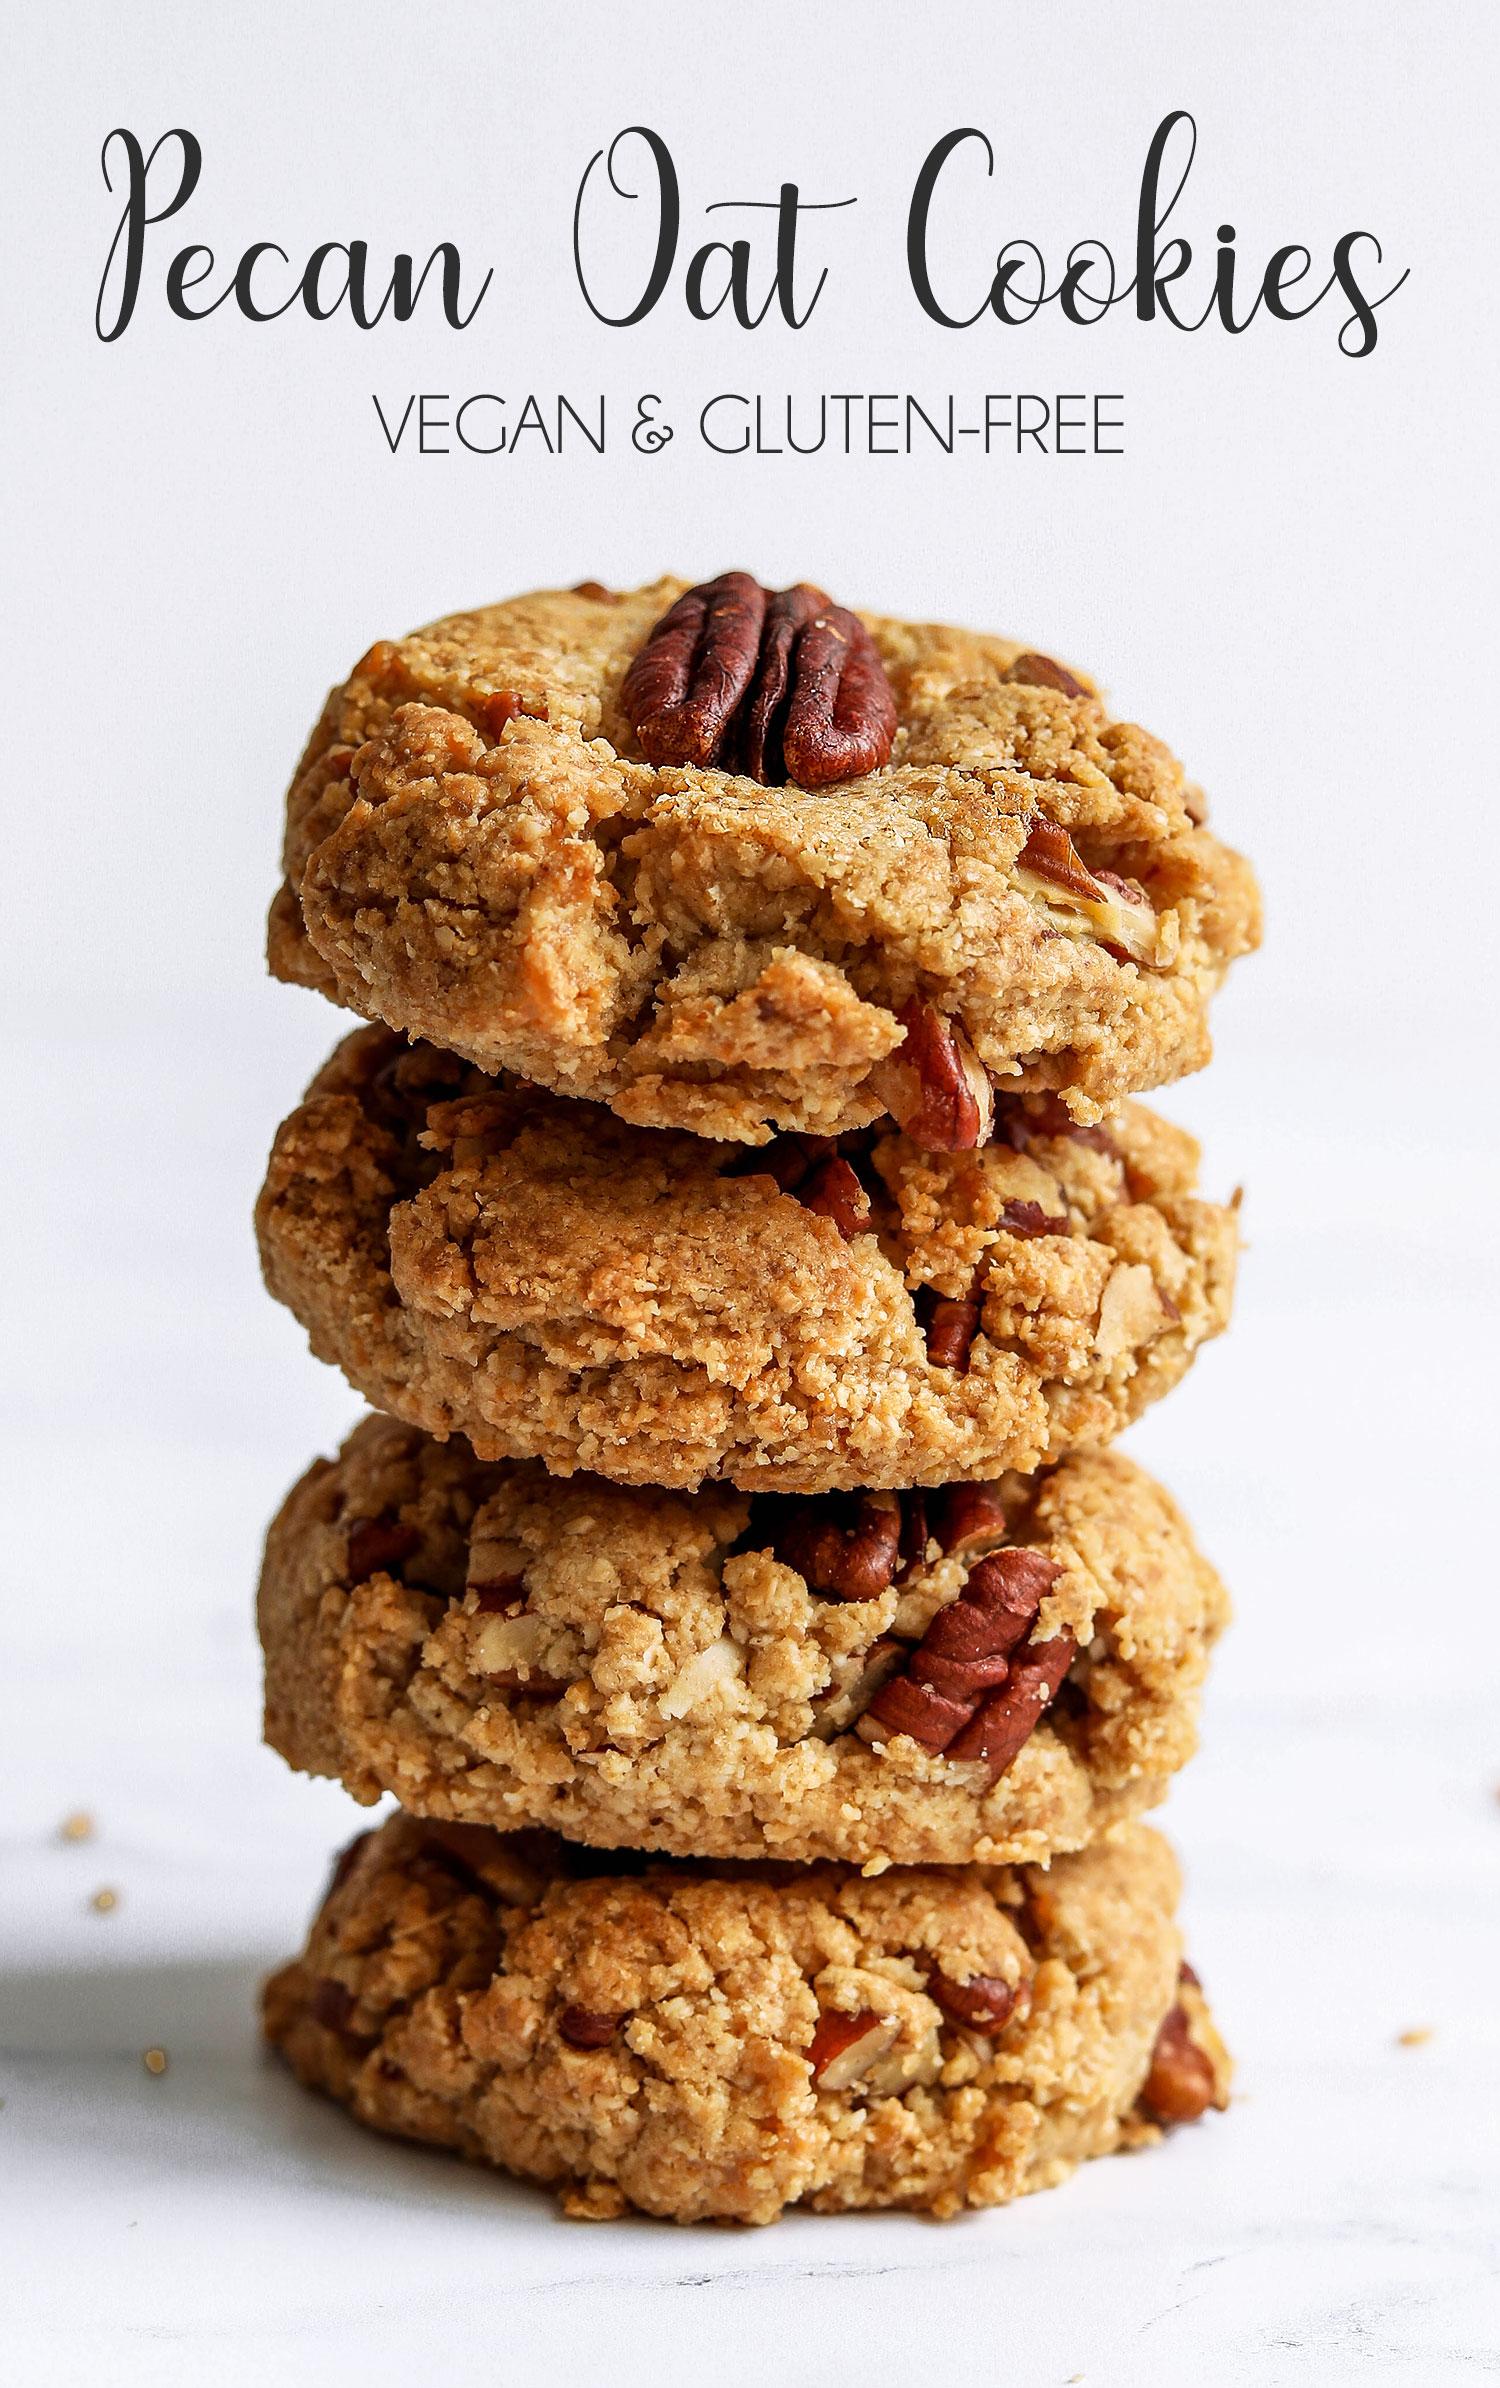 Vegan and Gluten-free Pecan Oat Cookies